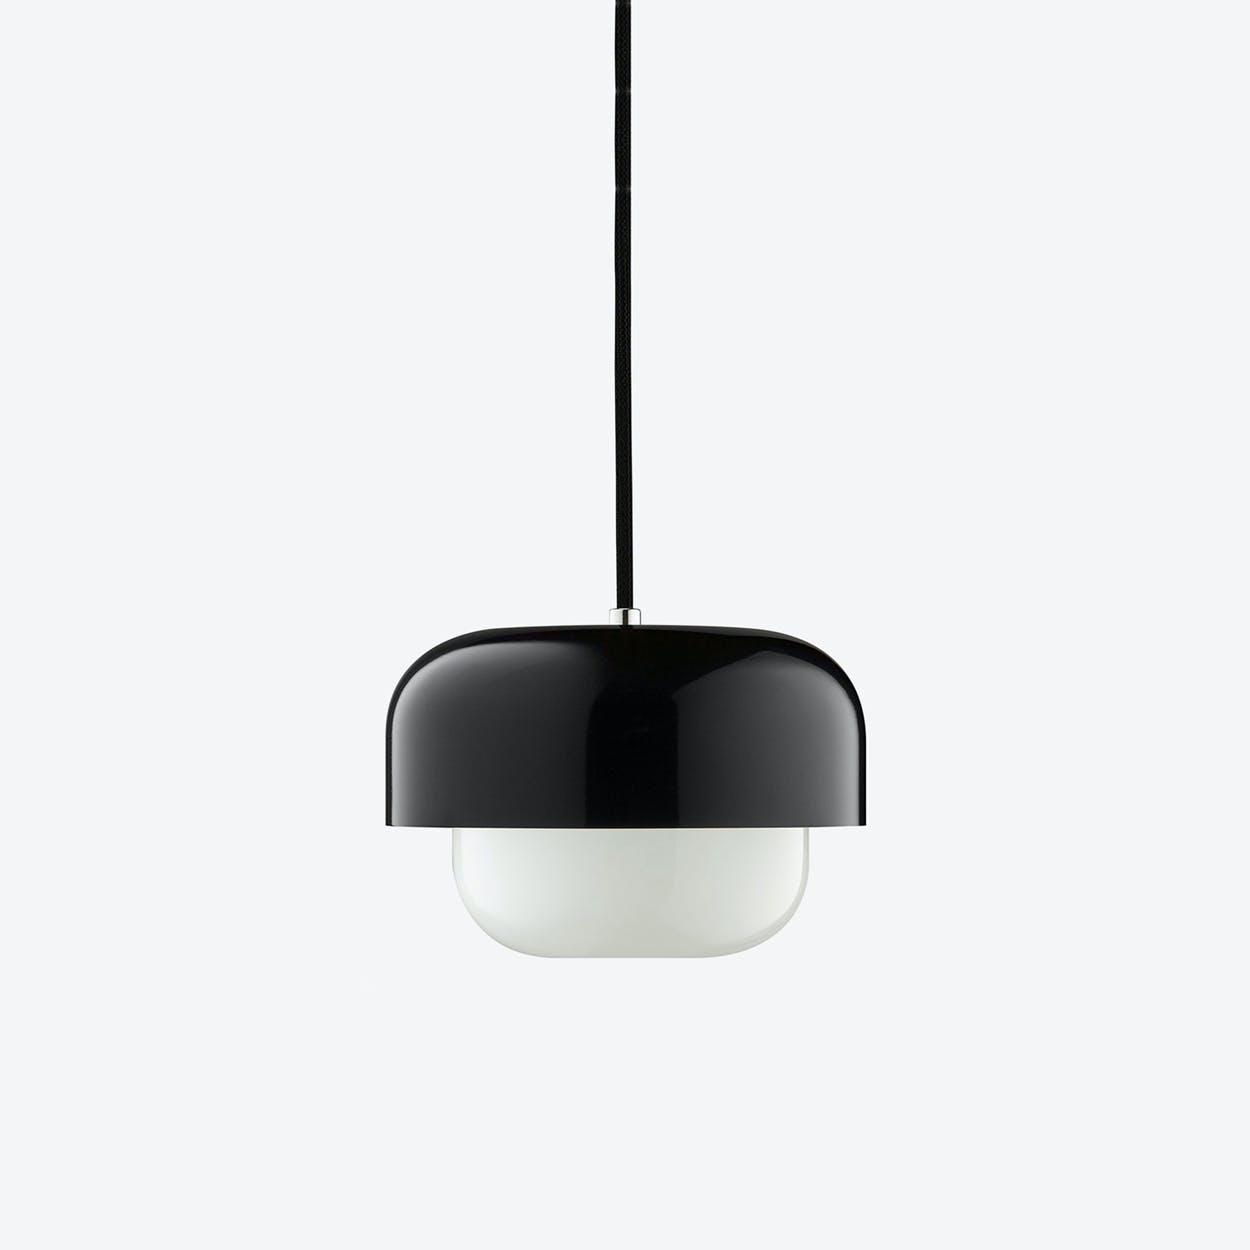 Haipot Pendant Lamp in Yang Black